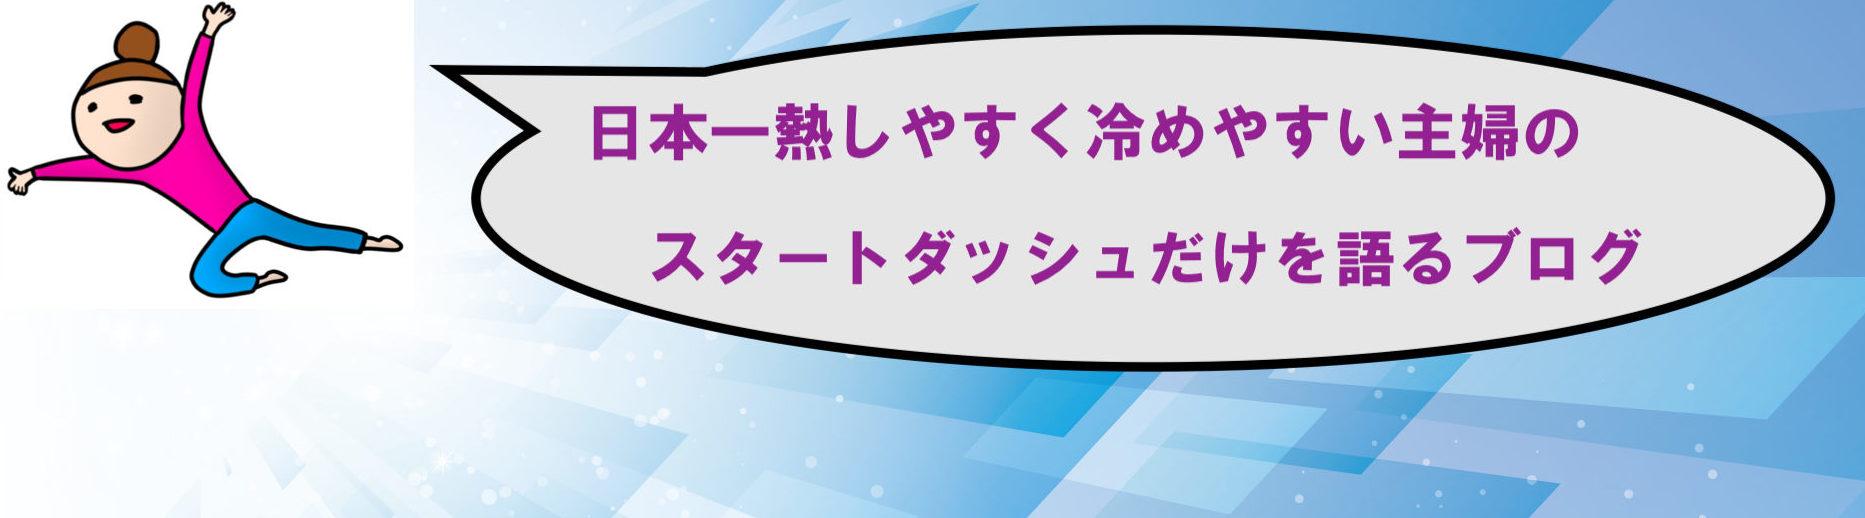 日本一熱しやすく冷めやすい主婦のスタートダッシュだけを語るブログ